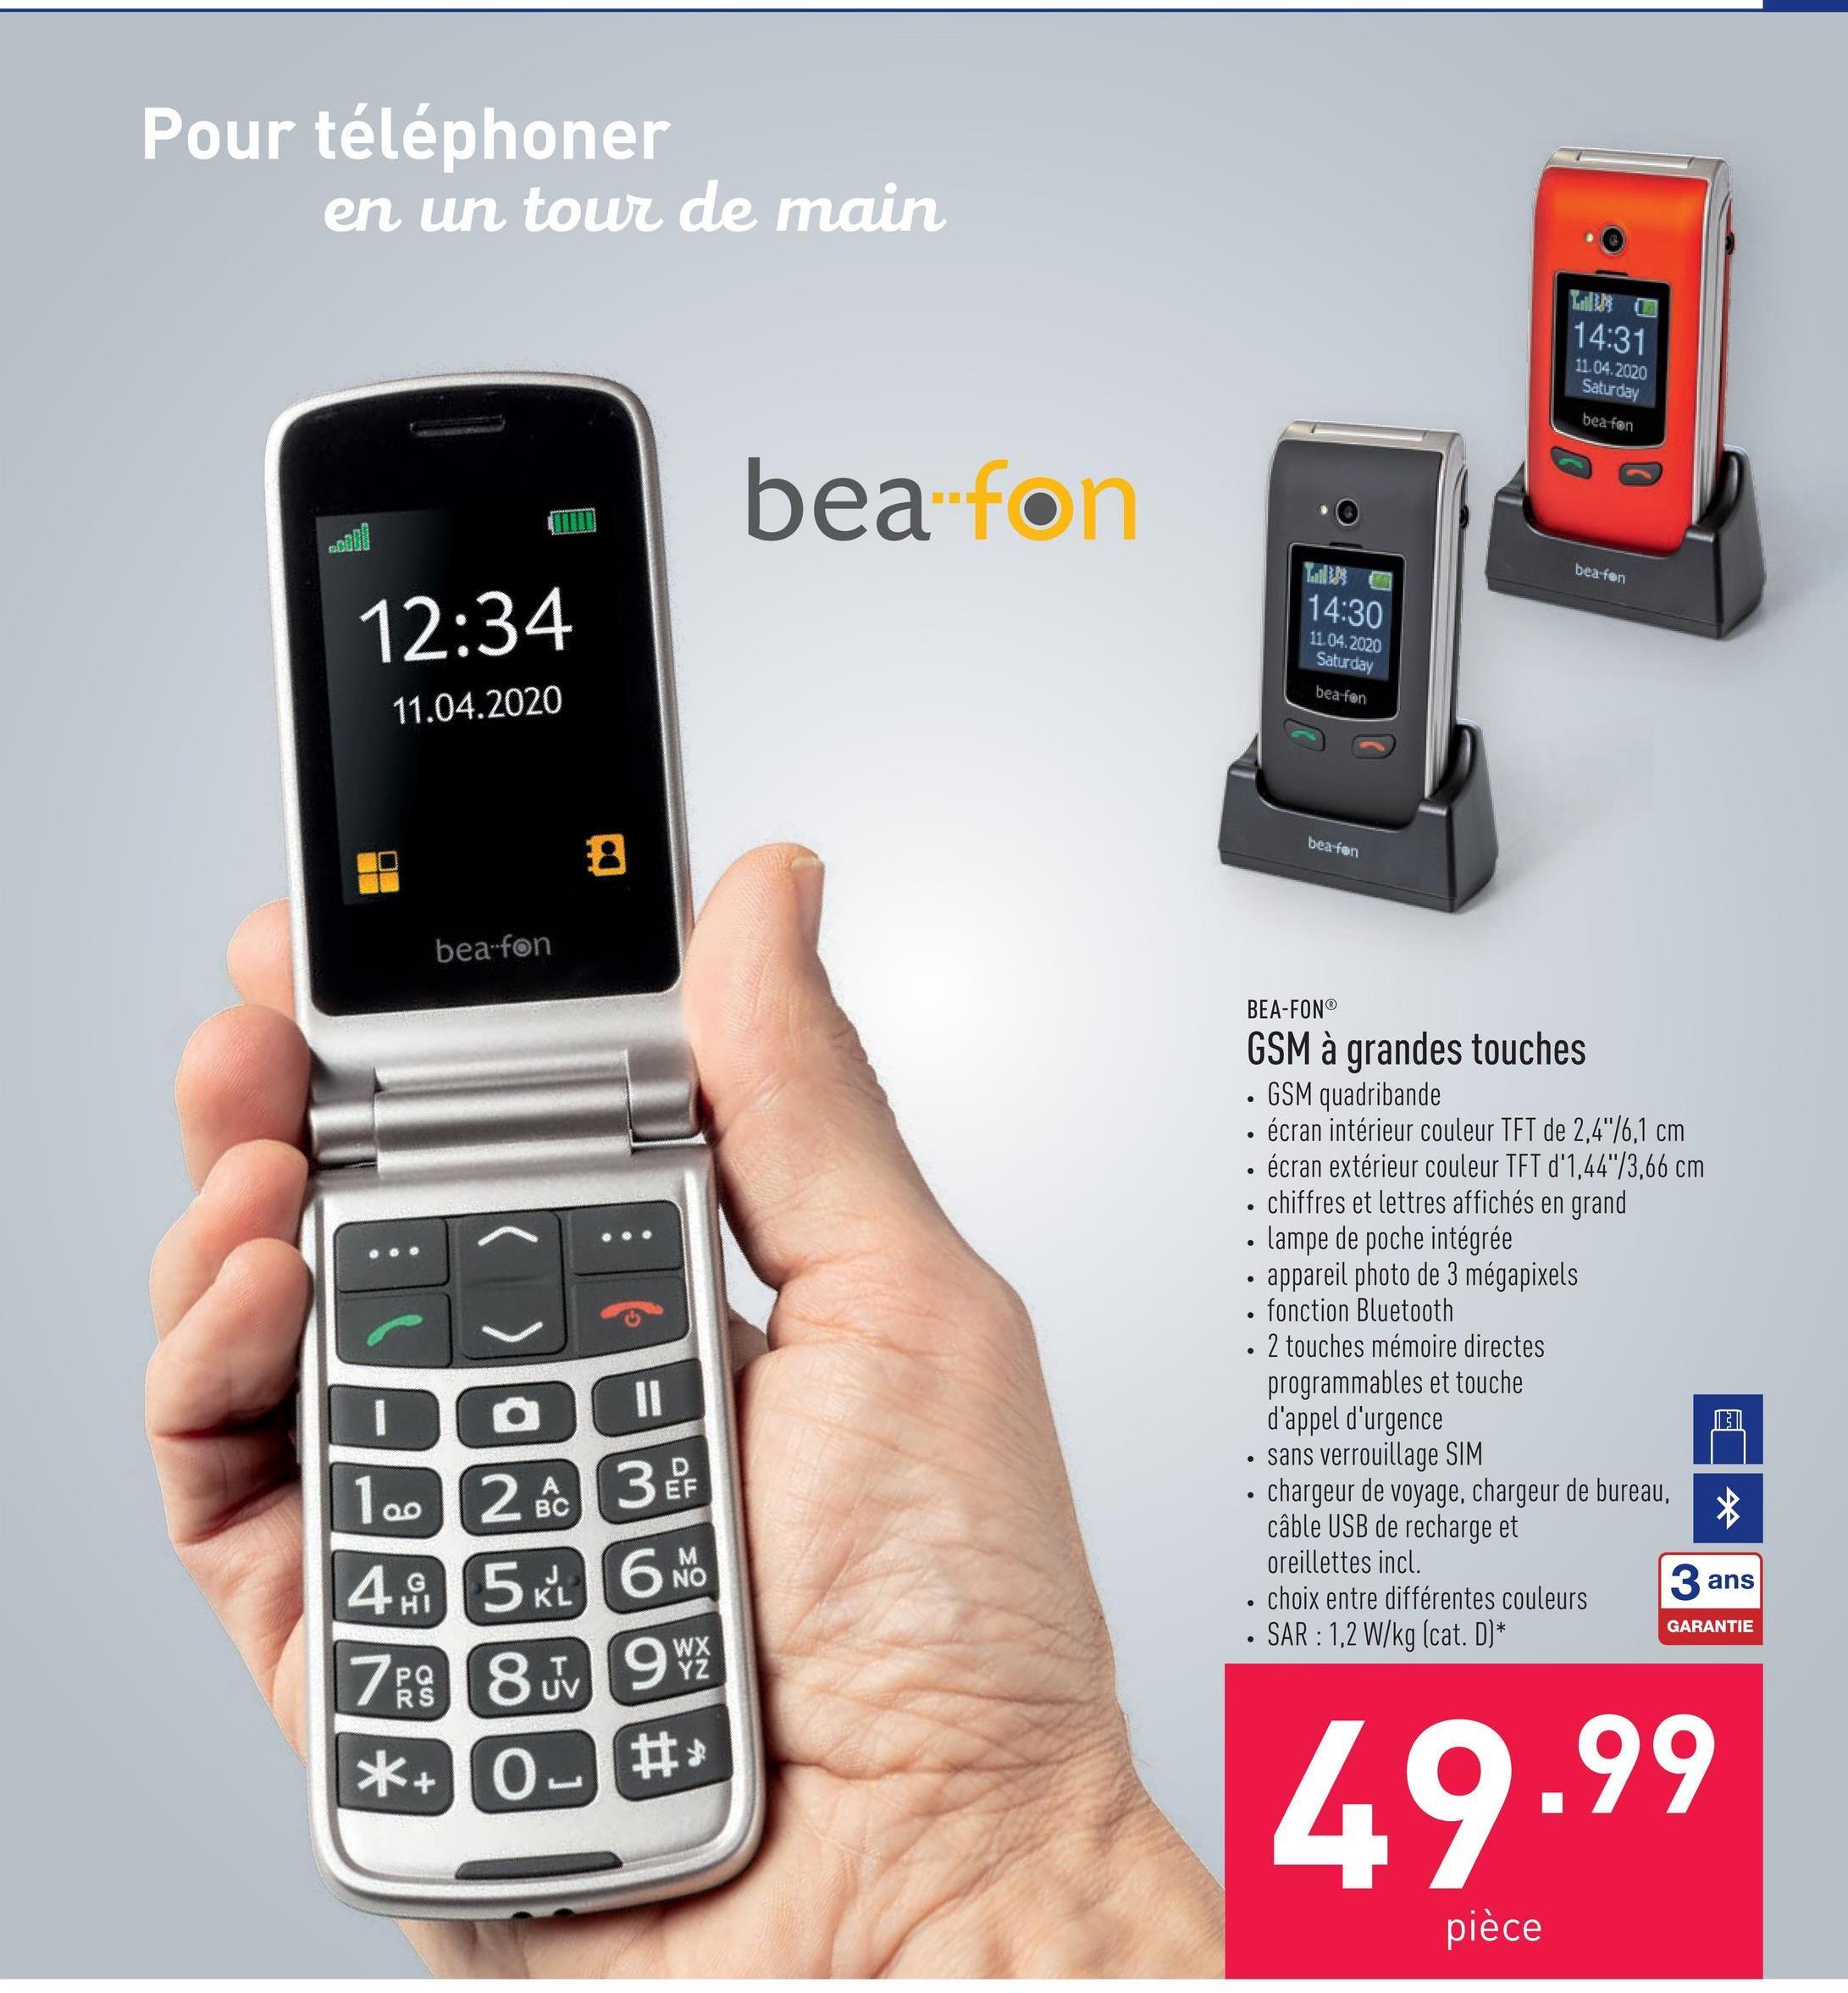 """GSM à grandes touches GSM quadribandeécran intérieur couleur TFT de 2,4""""/6,1 cmécran extérieur couleur TFT d'1,44""""/3,66 cmchiffres et lettres affichés en grandlampe de poche intégréeappareil photo de 3 mégapixelsfonction Bluetooth2 touches mémoire directes programmables et touche d'appel d'urgencesans verrouillage SIMchargeur de voyage, chargeur de bureau, câble USB de recharge et oreillettes incl.choix entre différentes couleursSAR : 1,2 W/kg (cat. D)"""